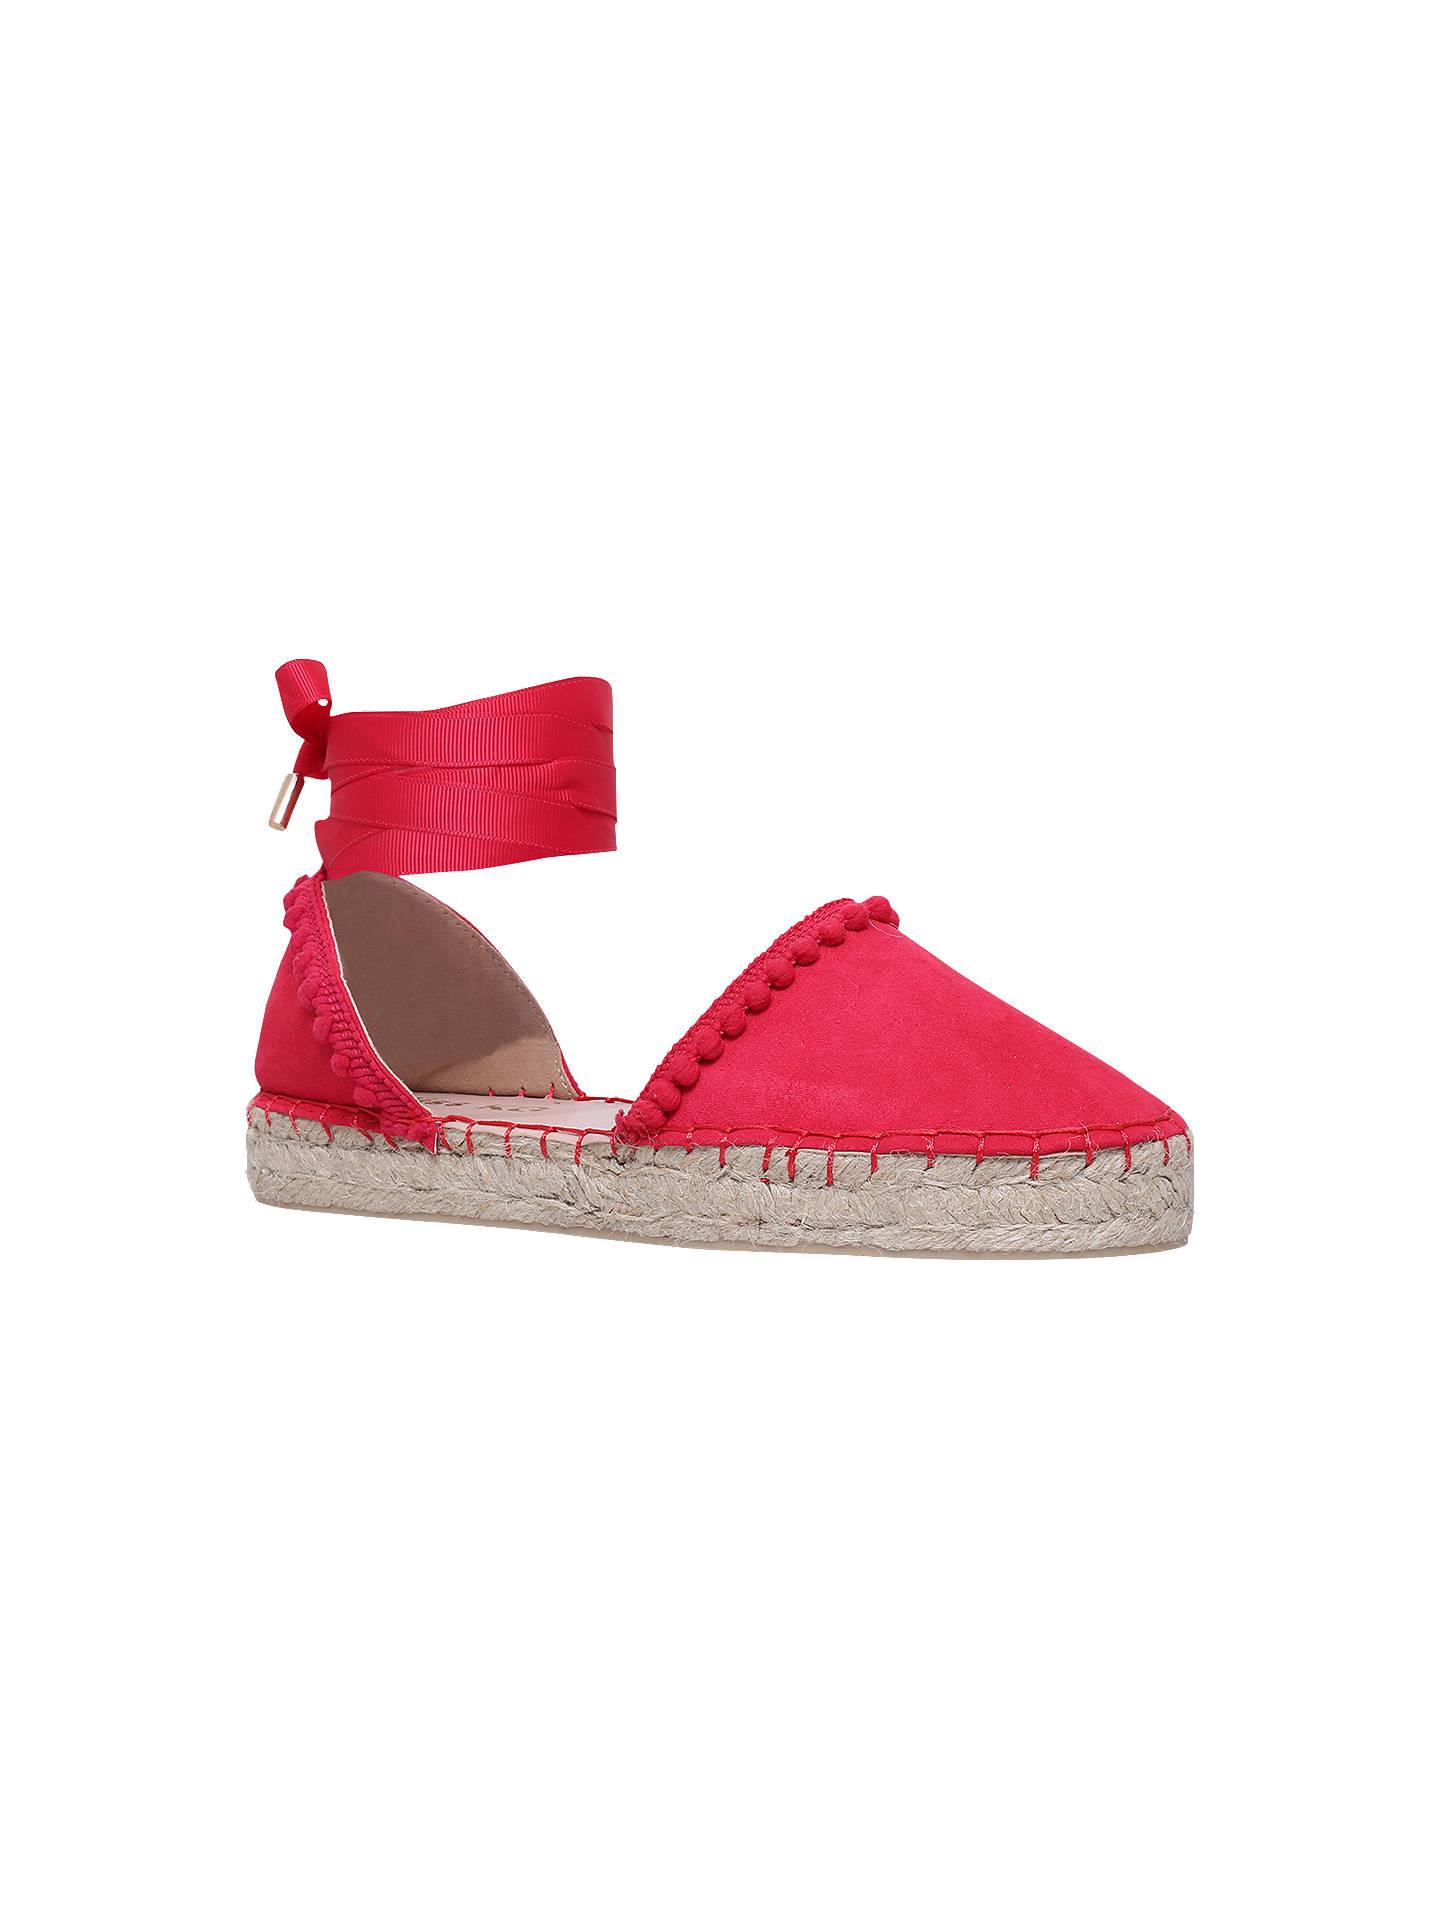 03b048d487e Miss KG Dizzy Ankle Tie Espadrilles, Pink at John Lewis & Partners